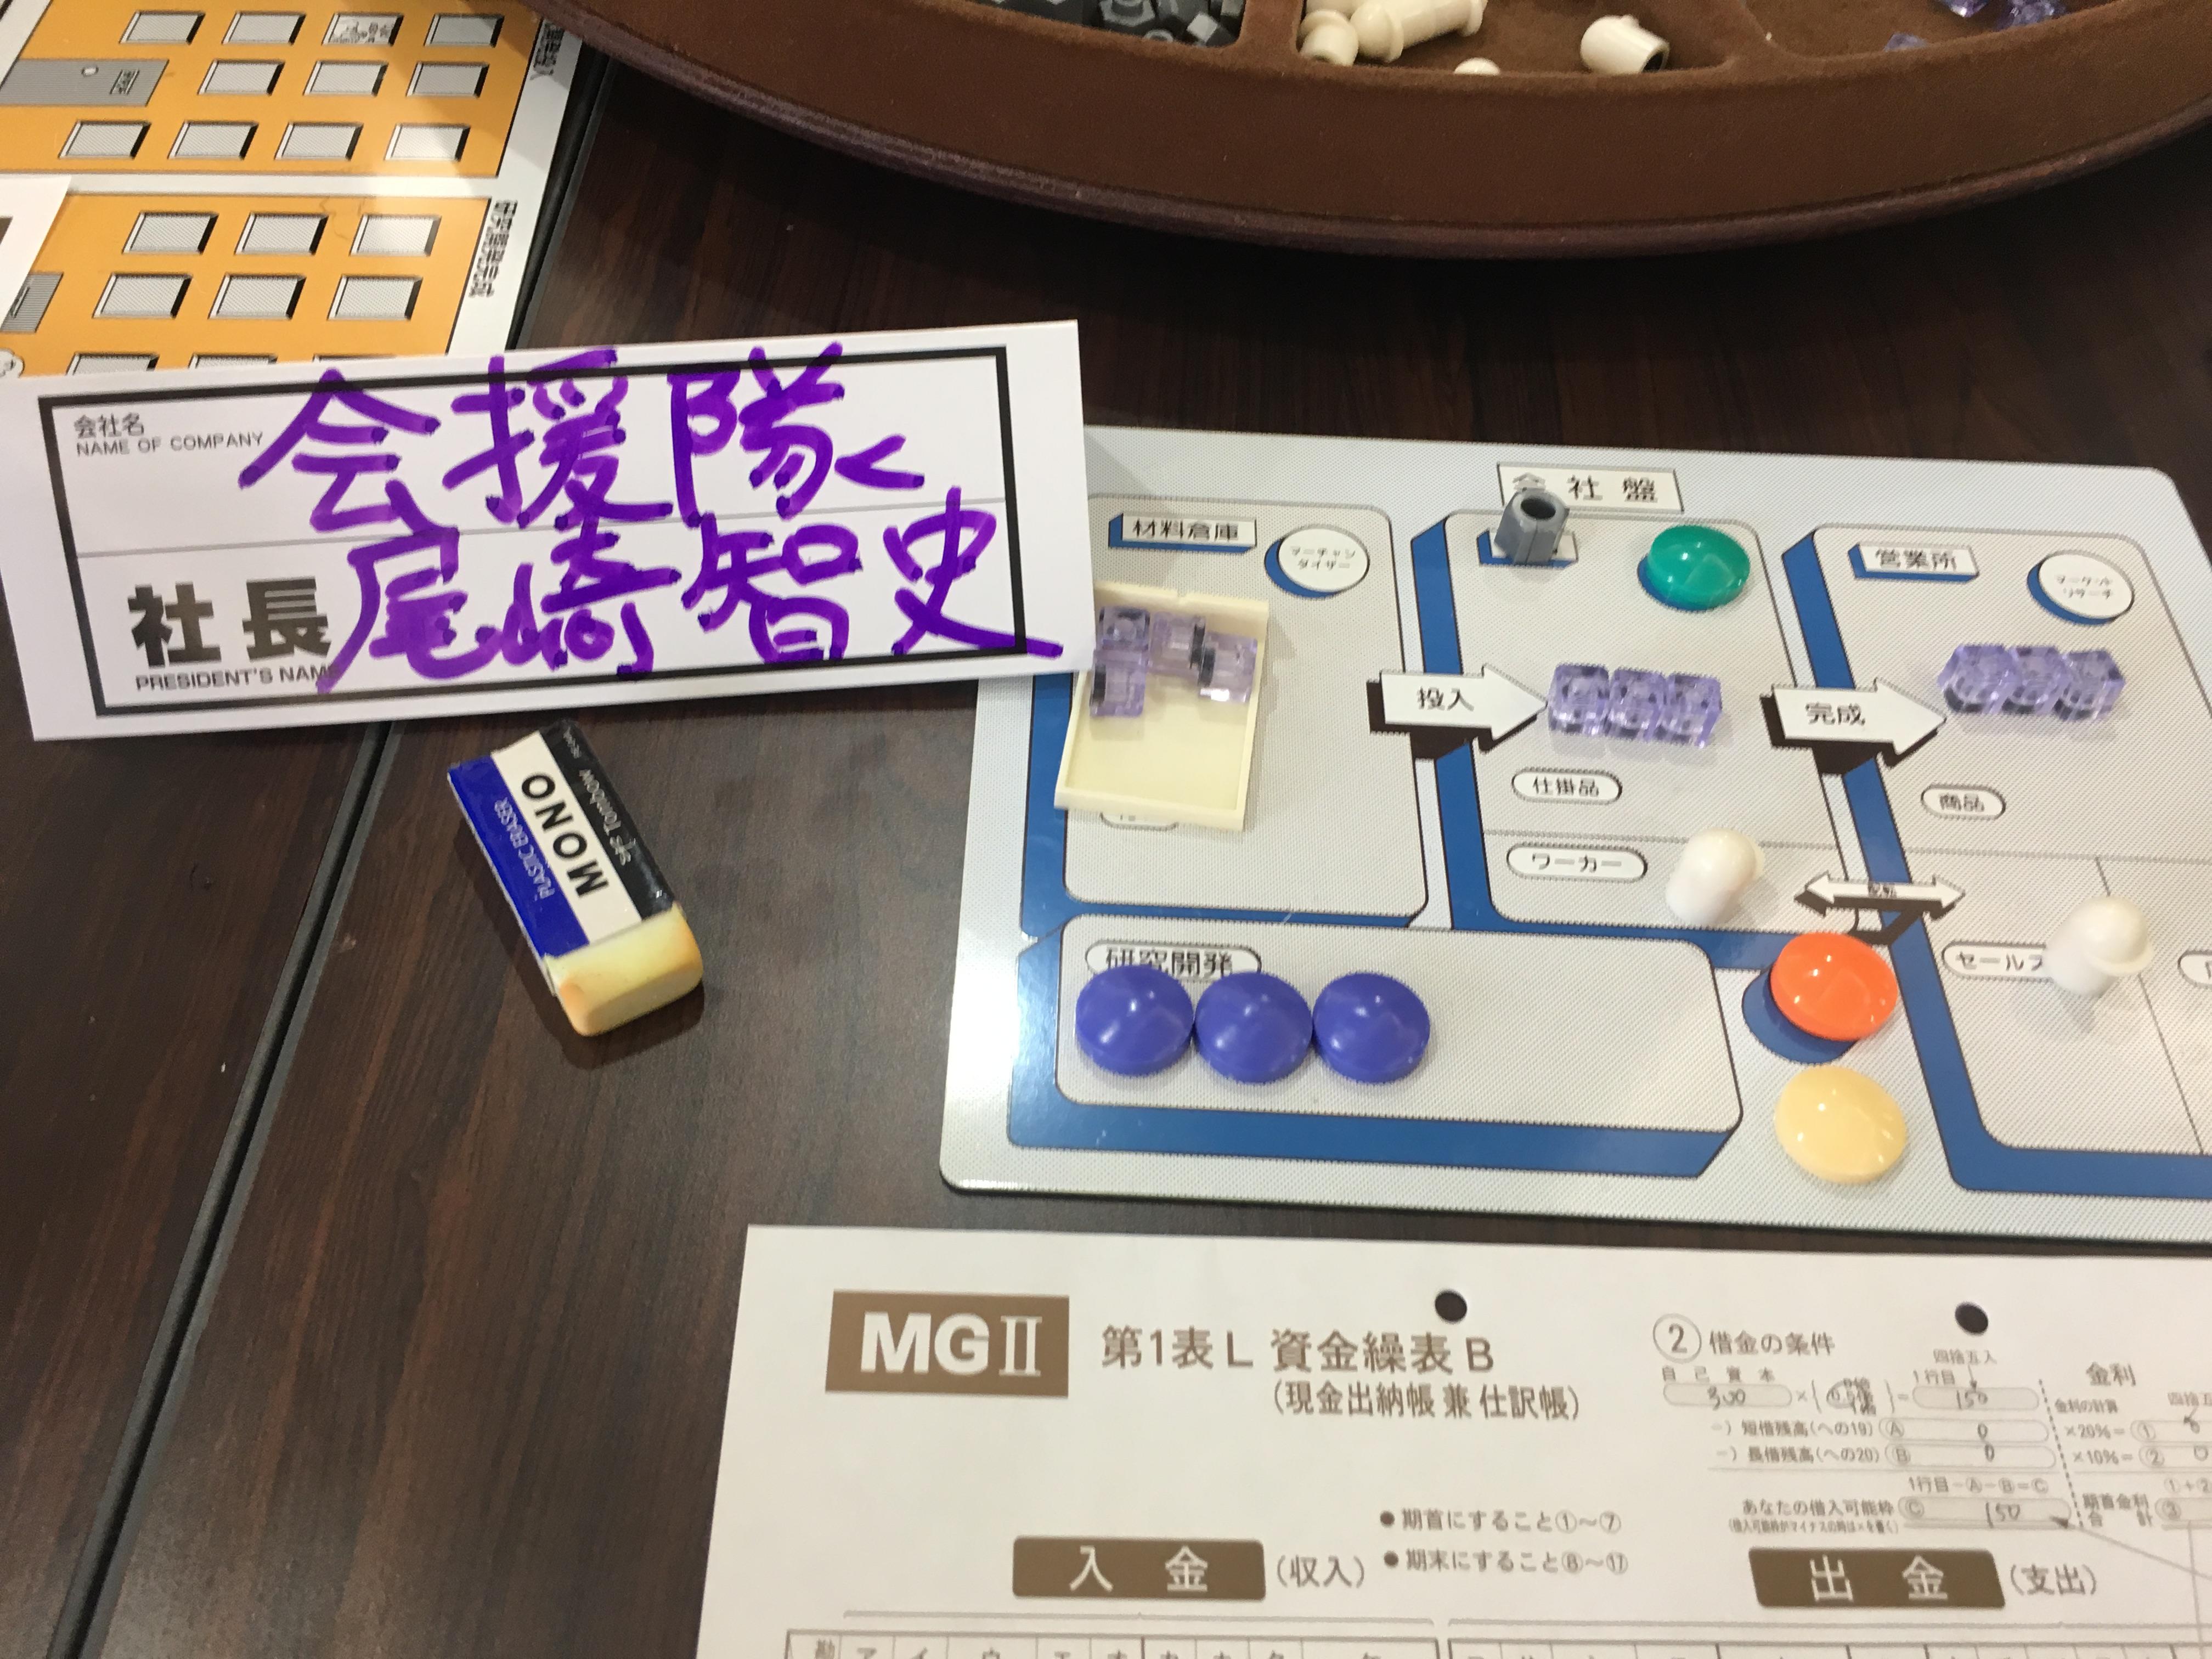 MG(マネジメントゲーム)の裾野を広げたいのでモニター募集します。